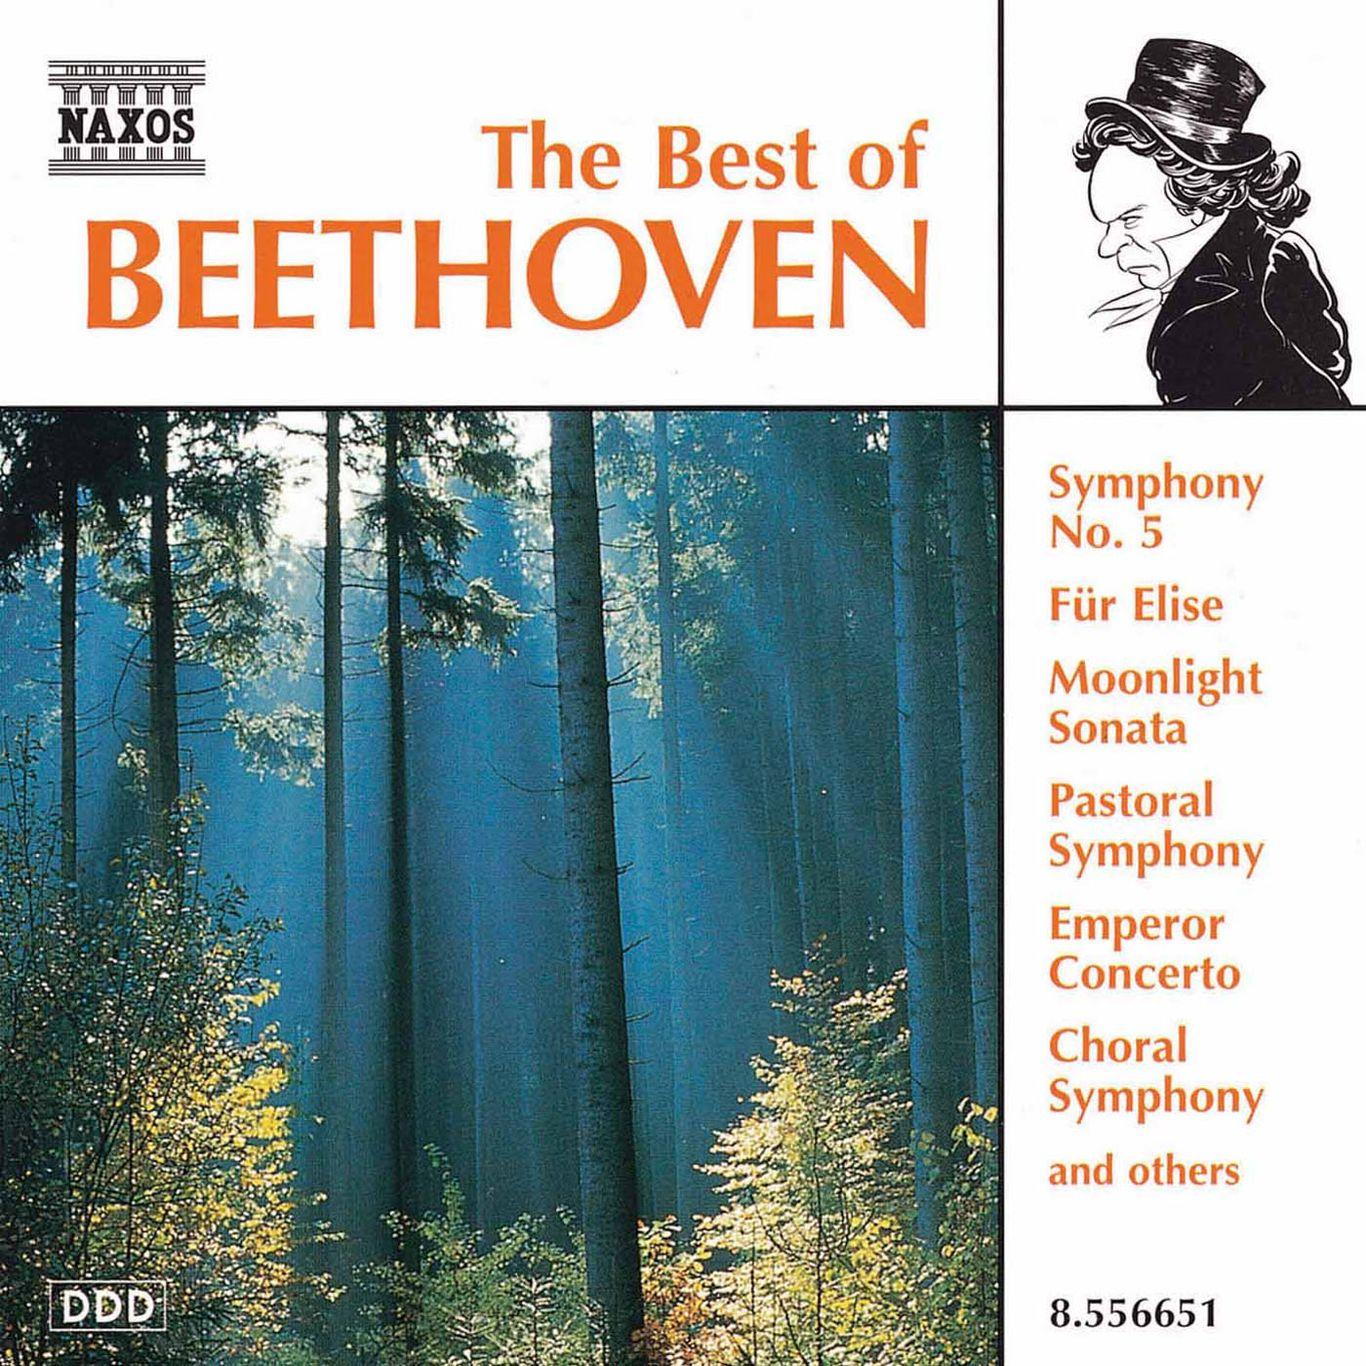 Piano Sonata No  14 in C-Sharp Minor, Op  27, No  2